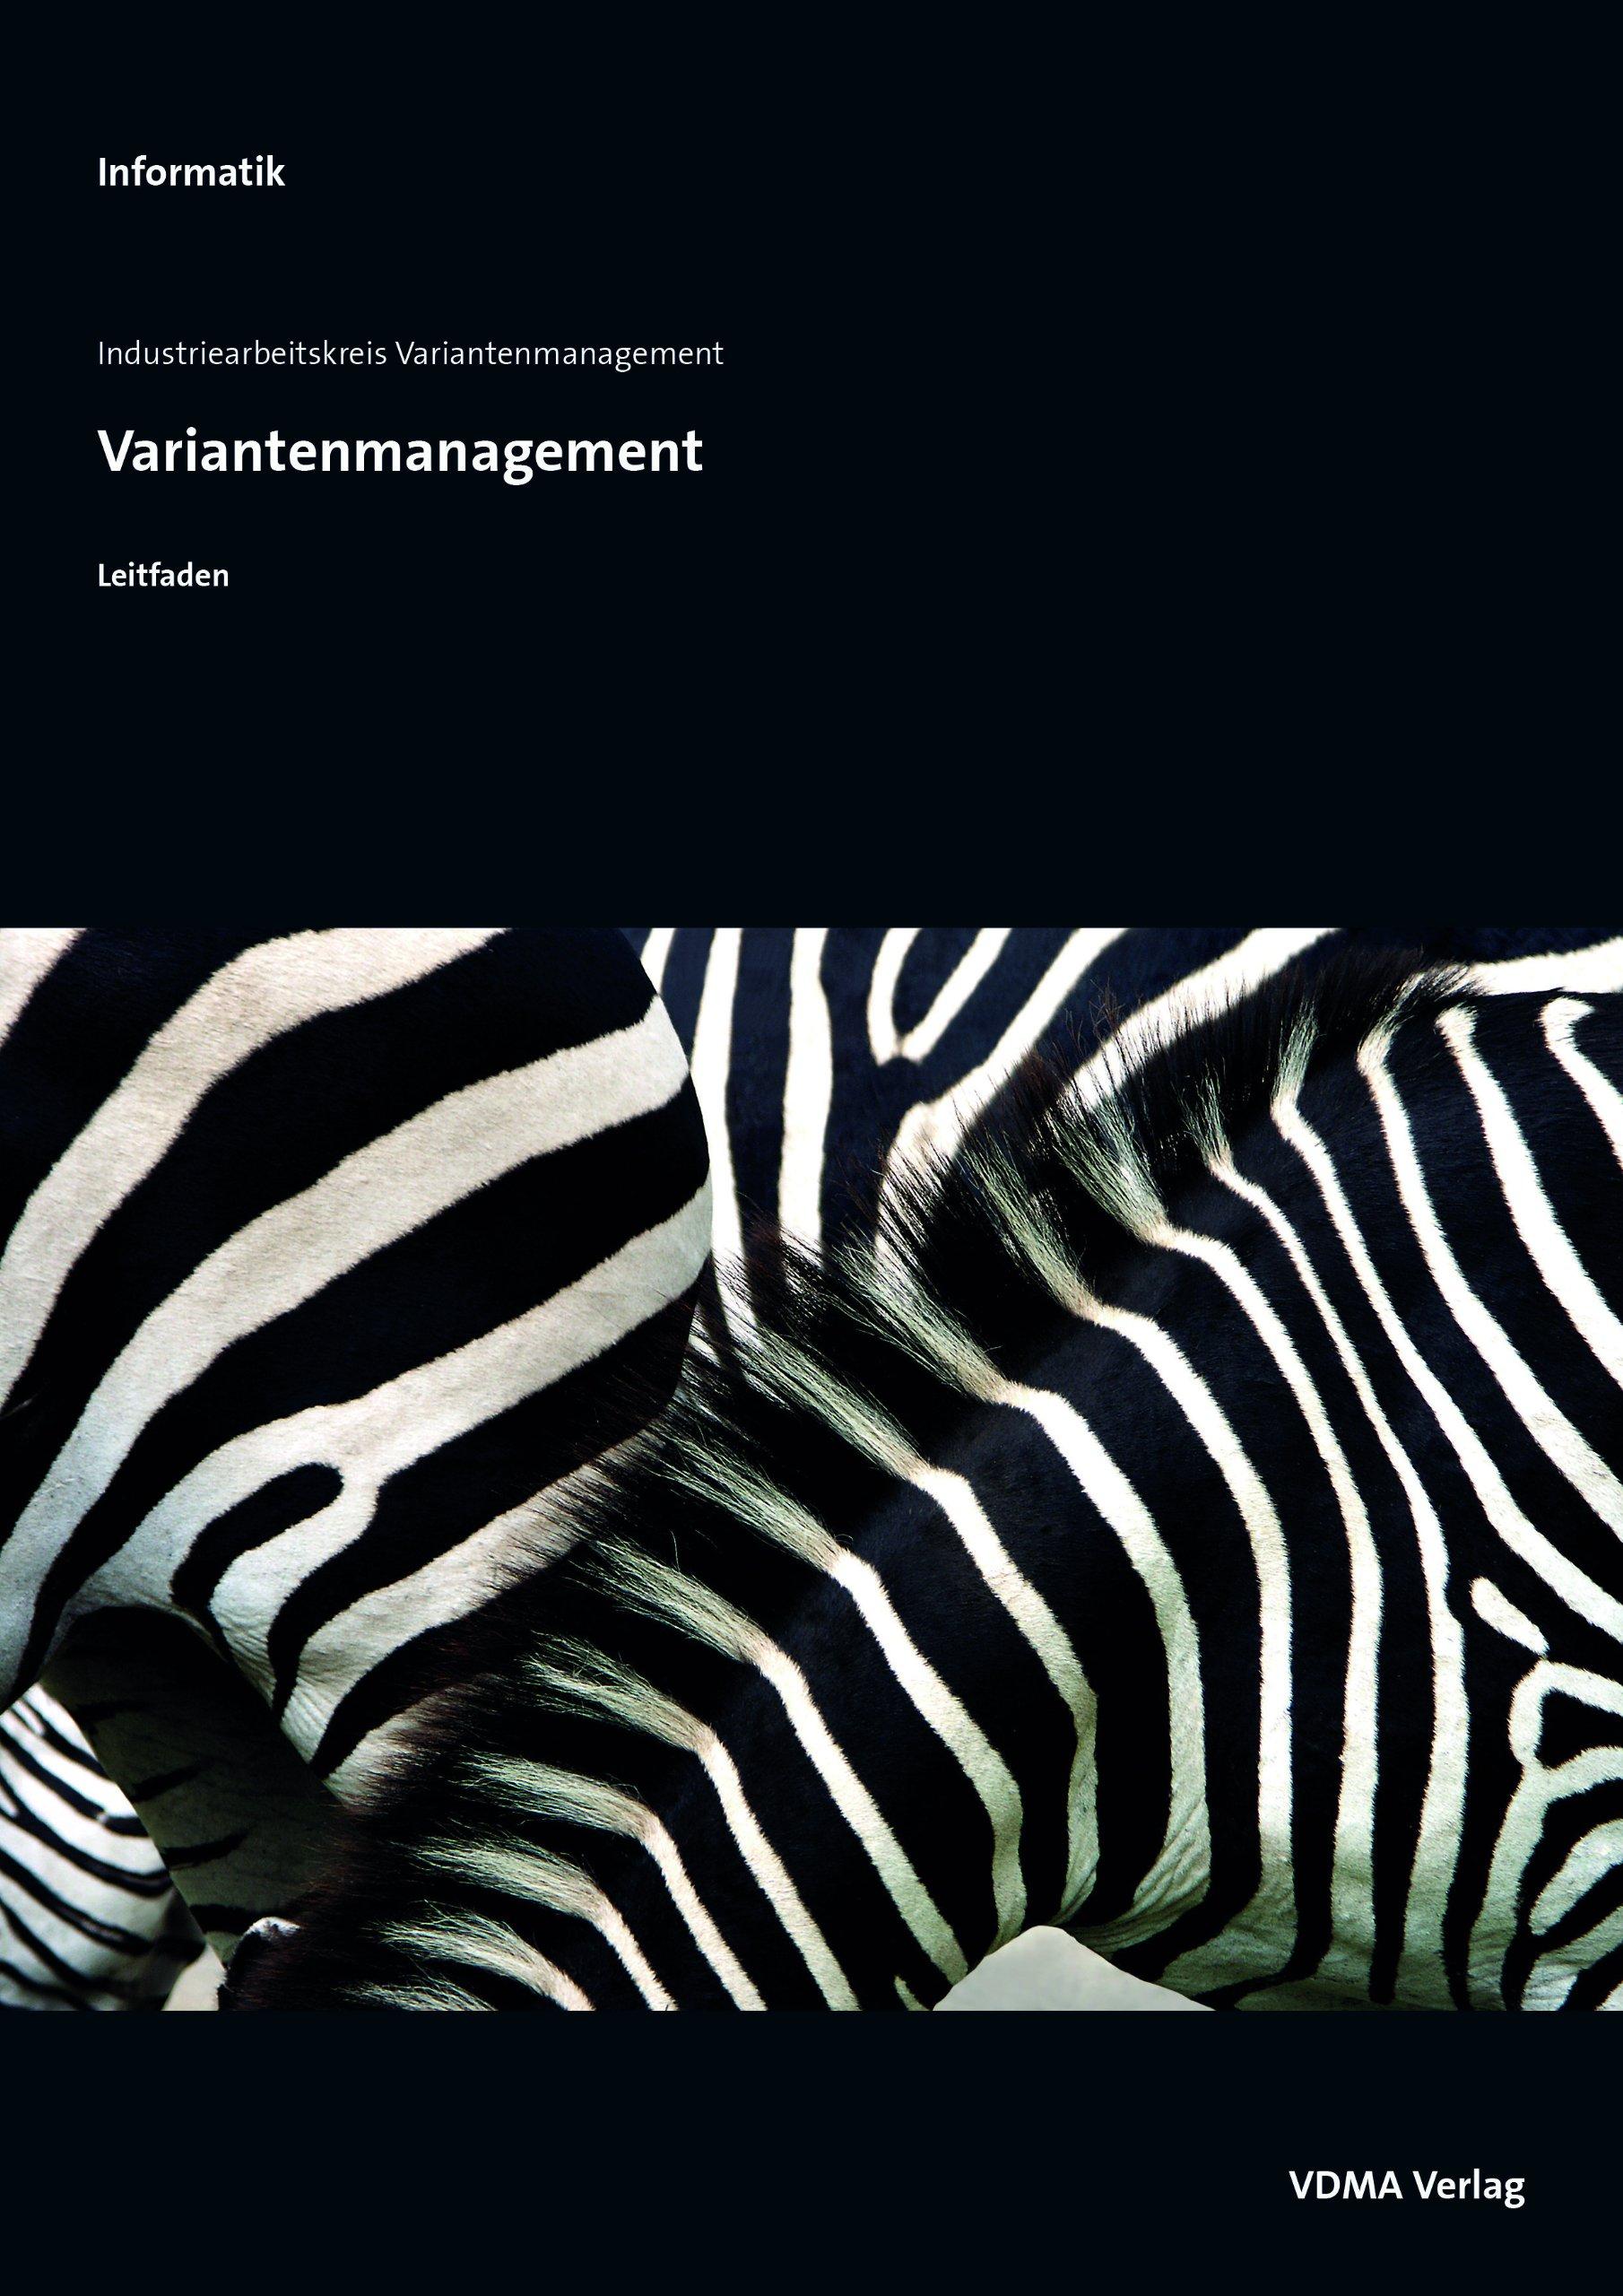 Variantenmanagement